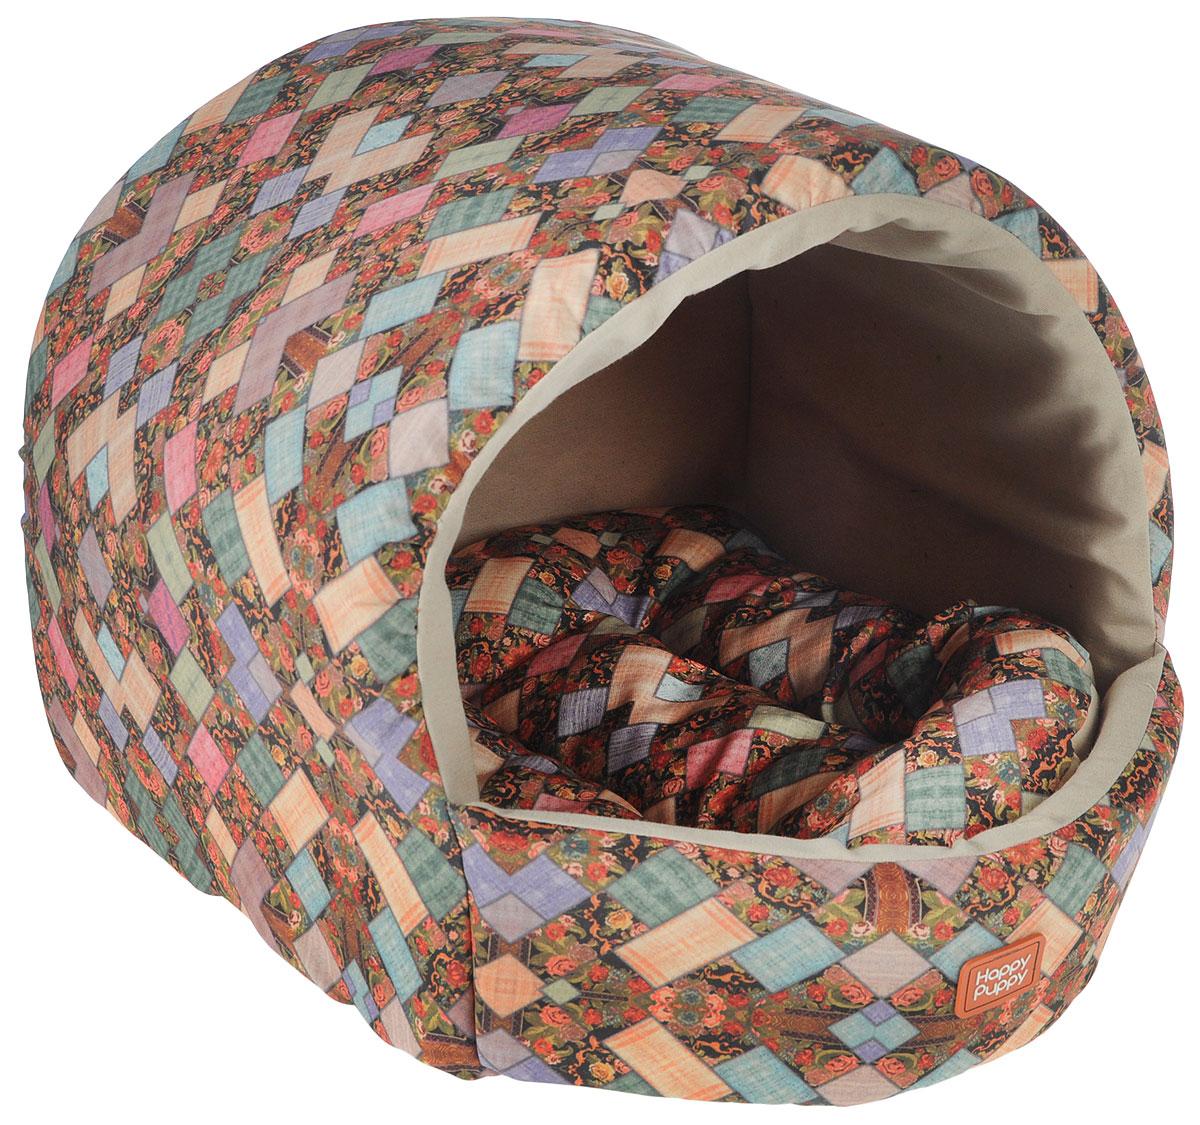 Домик для собак Happy Puppy Лукоморье, 37 x 37 x 40 смHP-160066Высокое качество, практичность, незаурядный дизайн и доступная цена – думаете, такое сочетание сложно отыскать? Тогда самое время познакомиться м маркой Happy Puppy - универсальное решение на любой сезон.